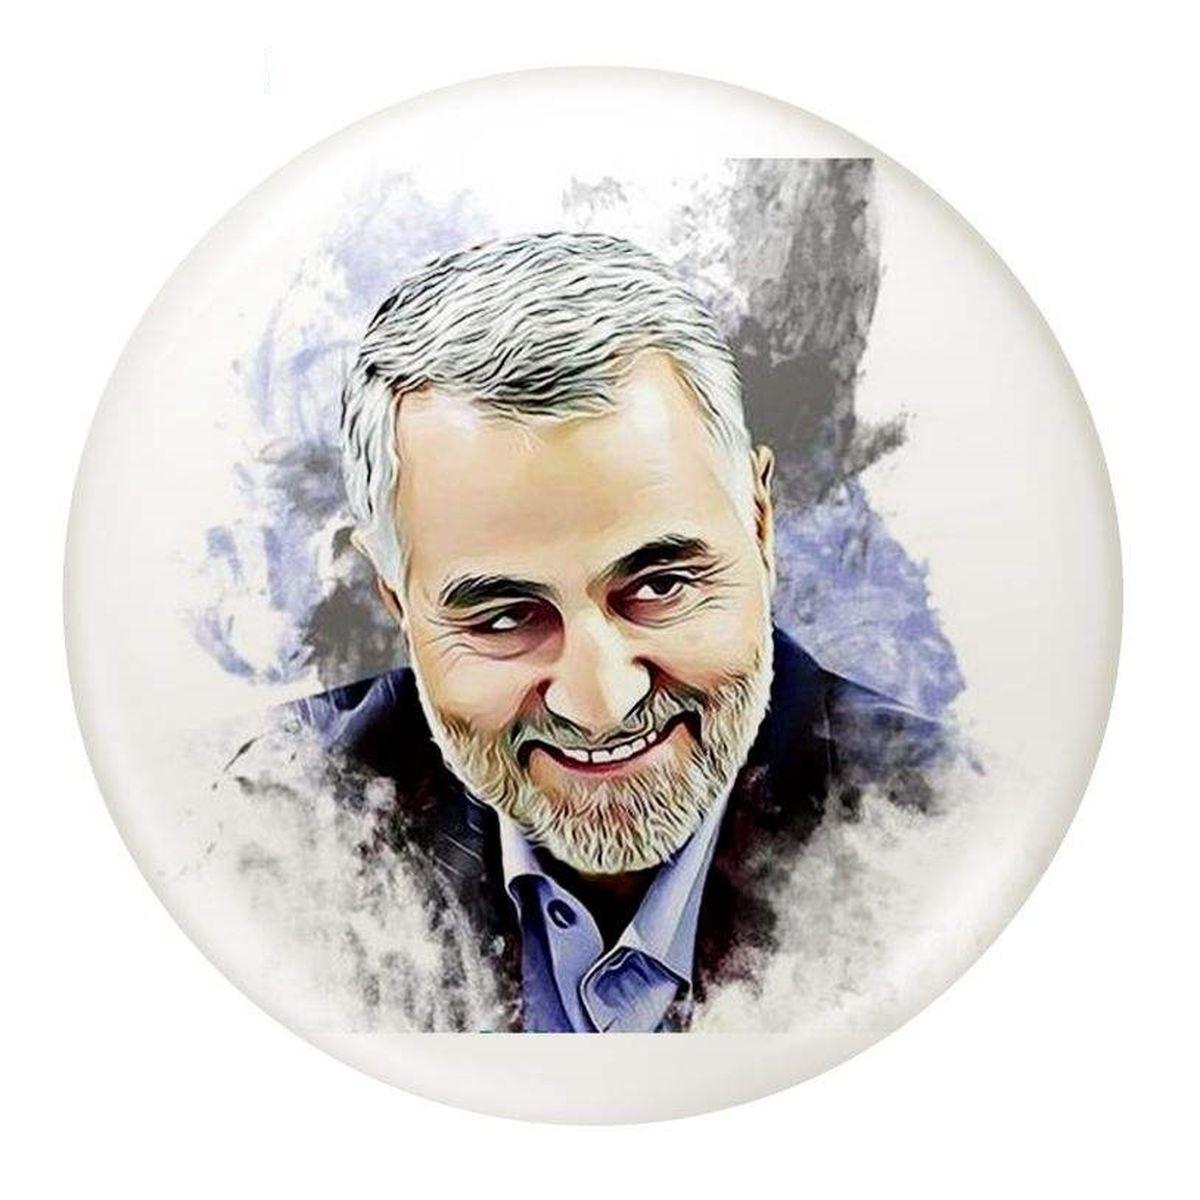 بازداشت به خاطر توهین به سردار سلیمانی